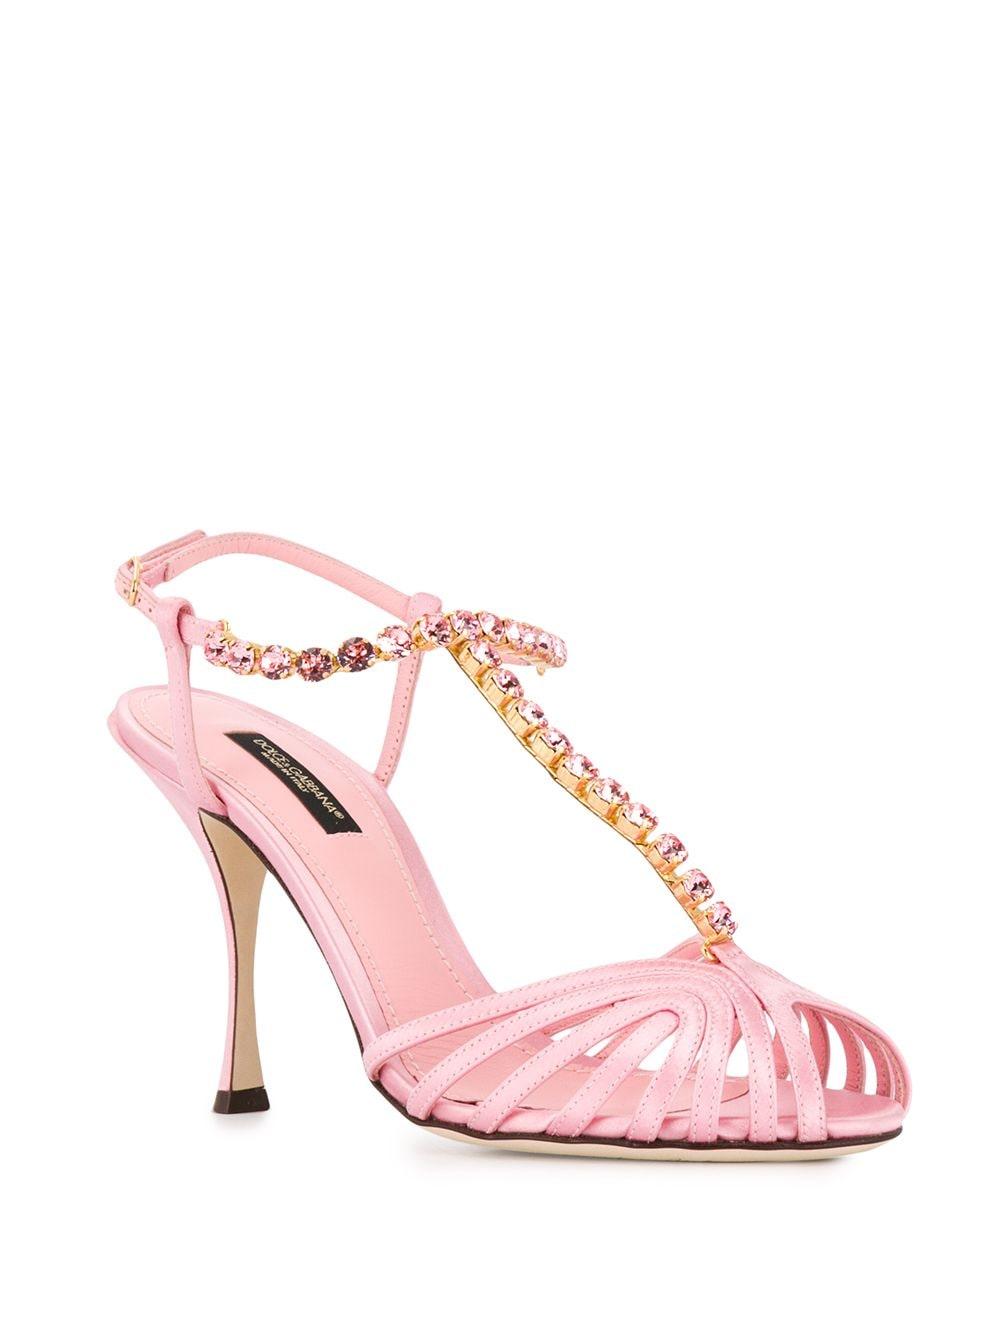 sandalo in raso e pelle rosa con cinturino a T e tacco 100 DOLCE & GABBANA | Scarpa | CR0963-A763087141